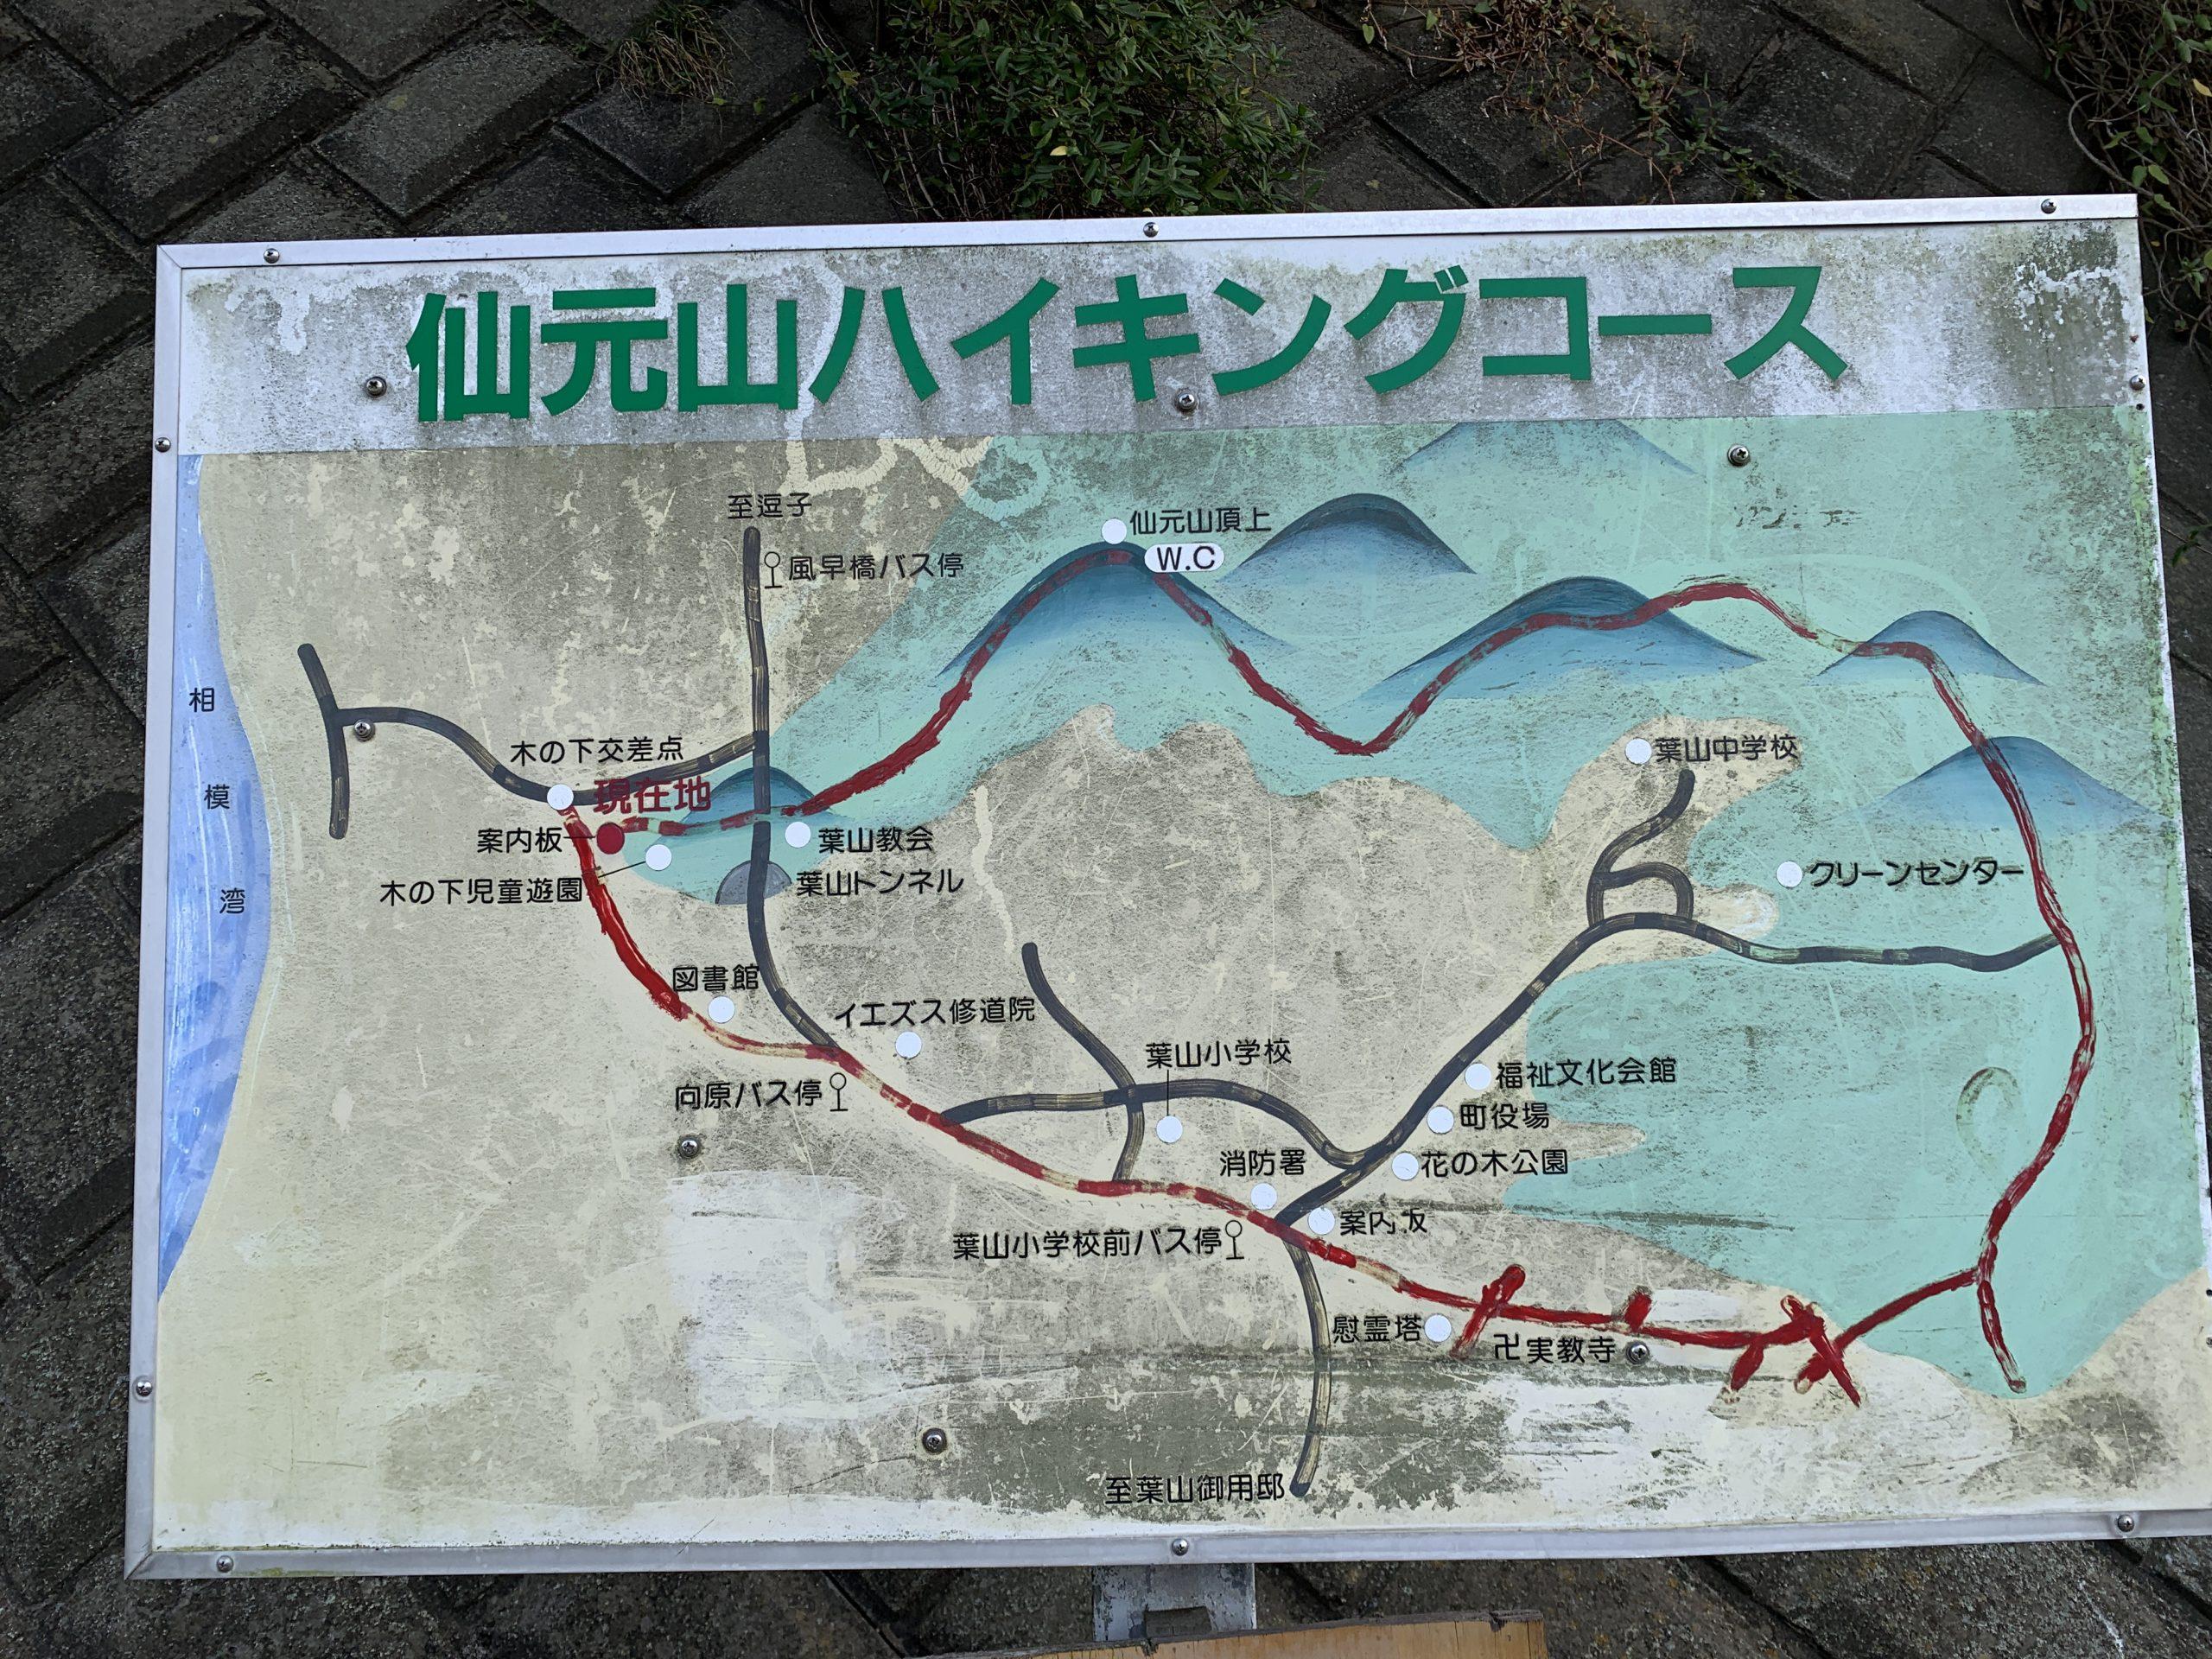 仙元山登山ルートを細かく解説!